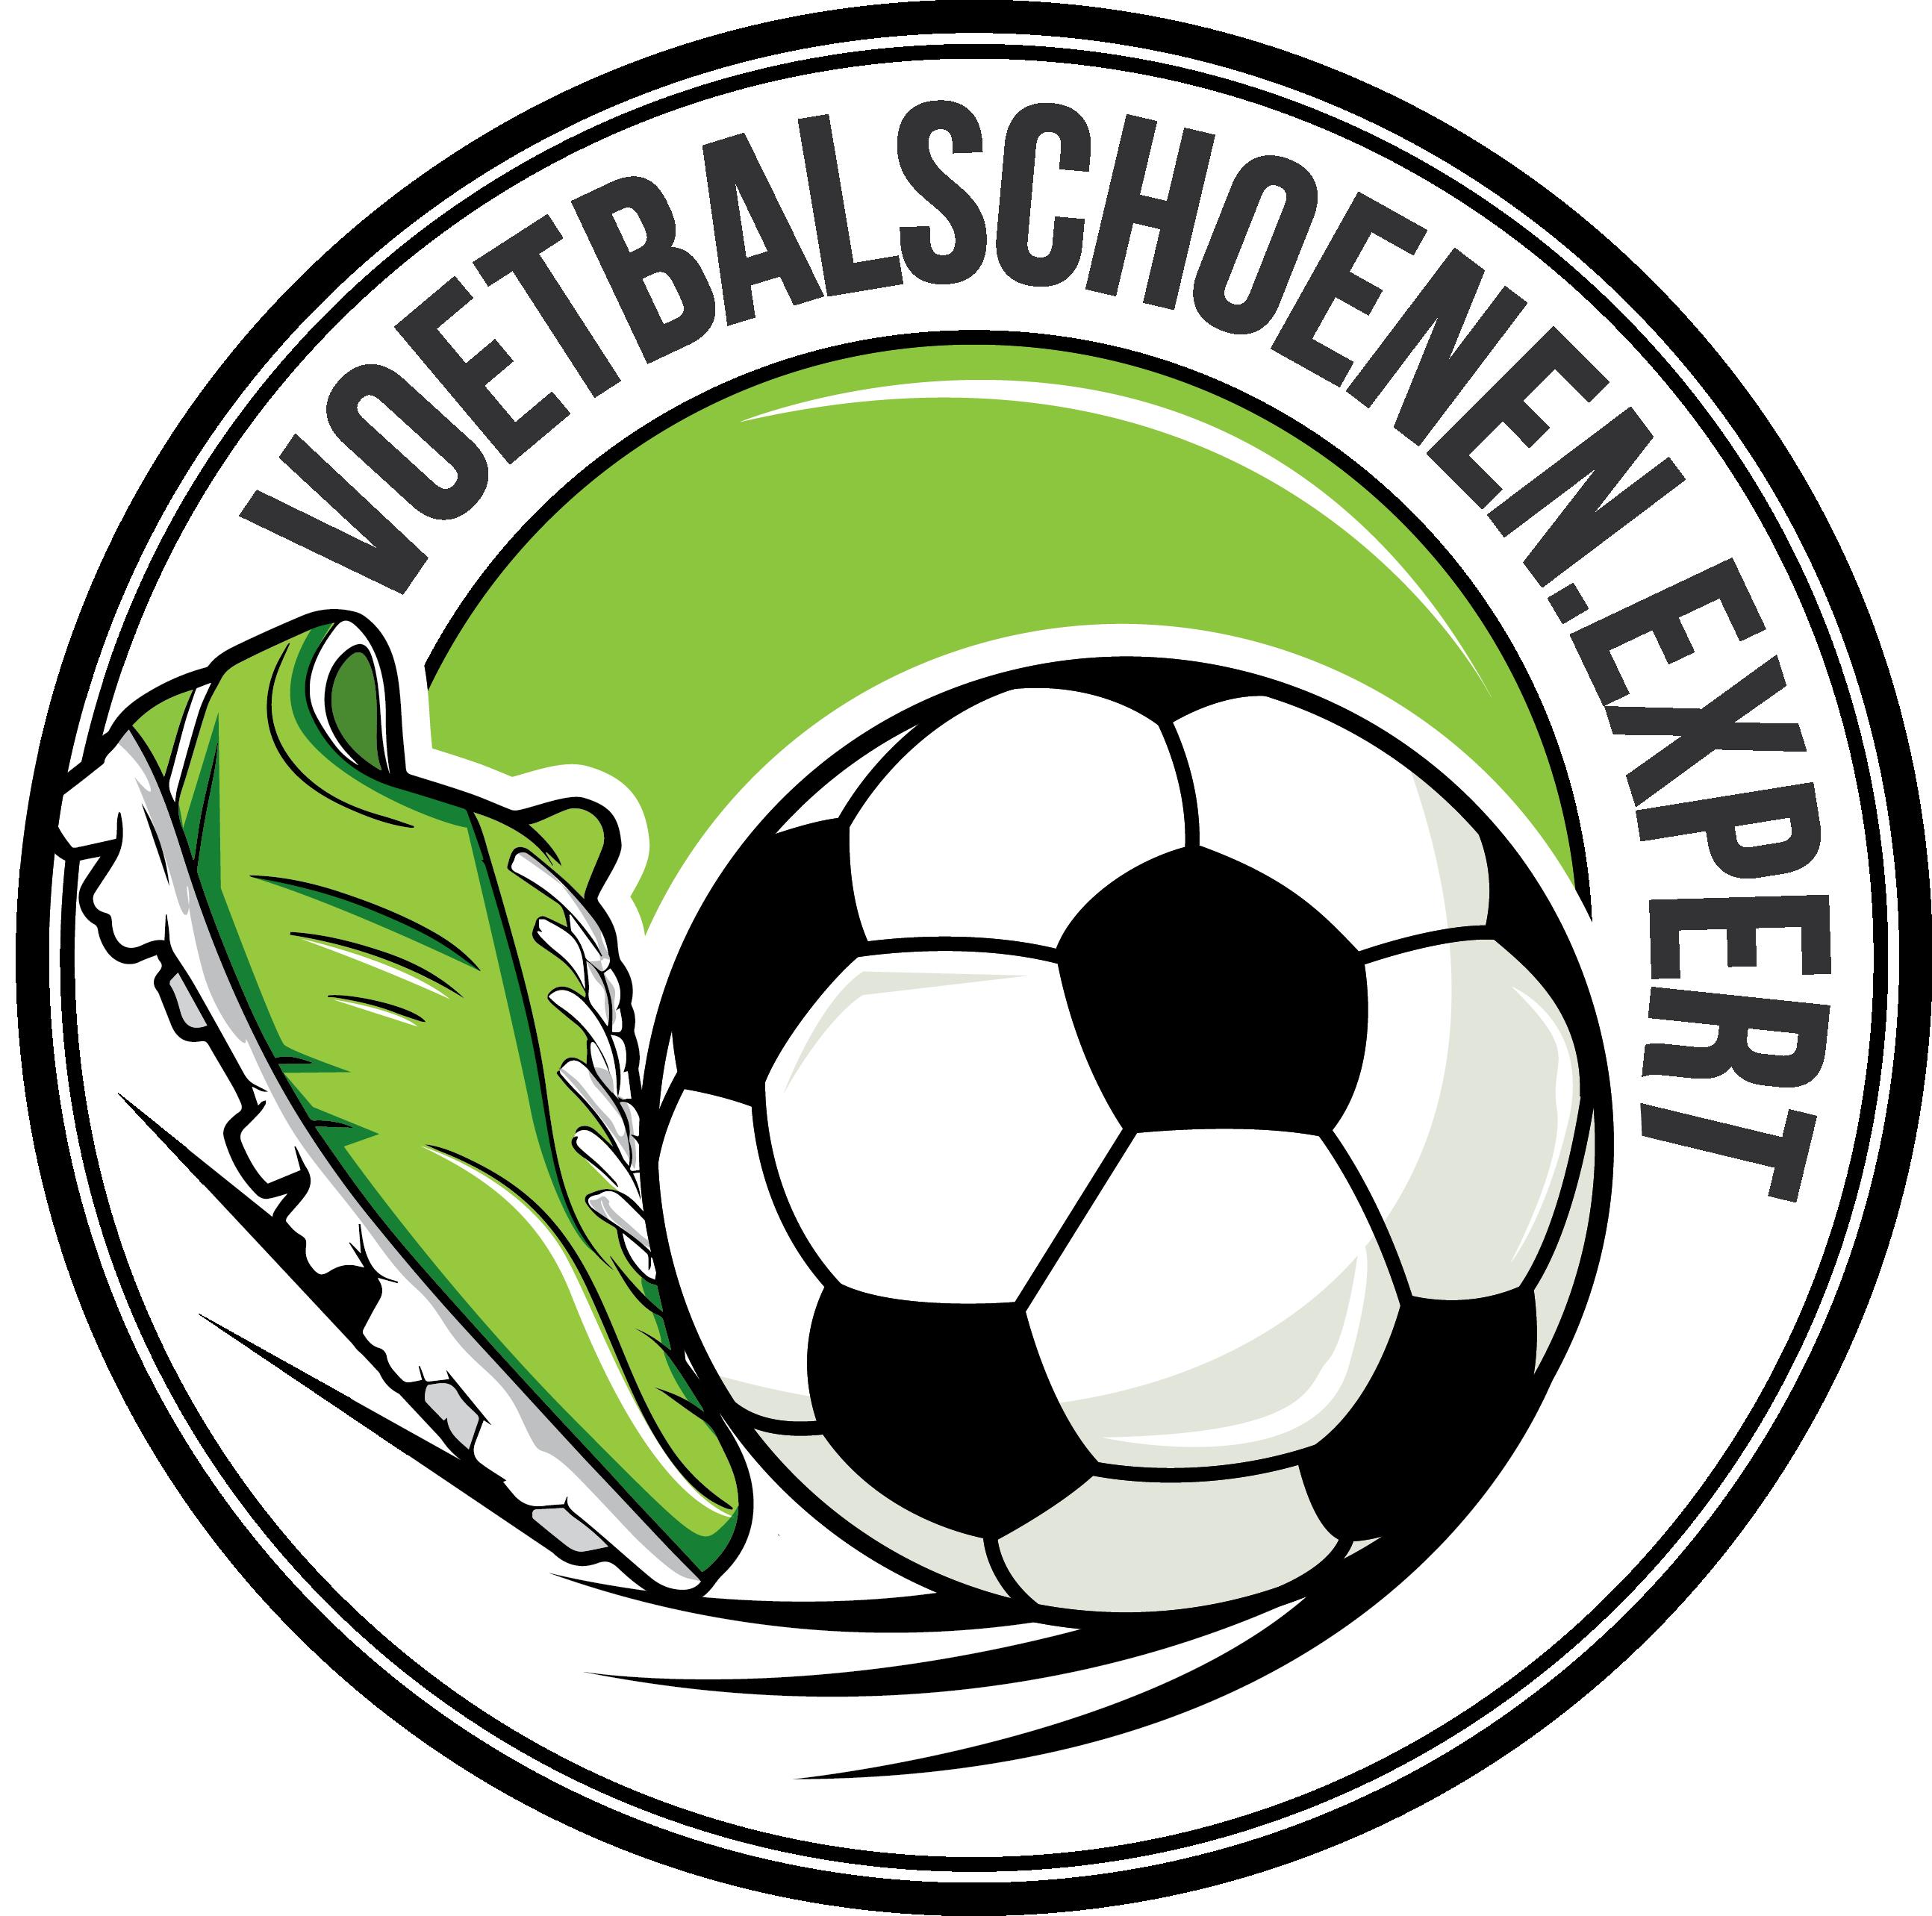 Voetbalschoenen Expert